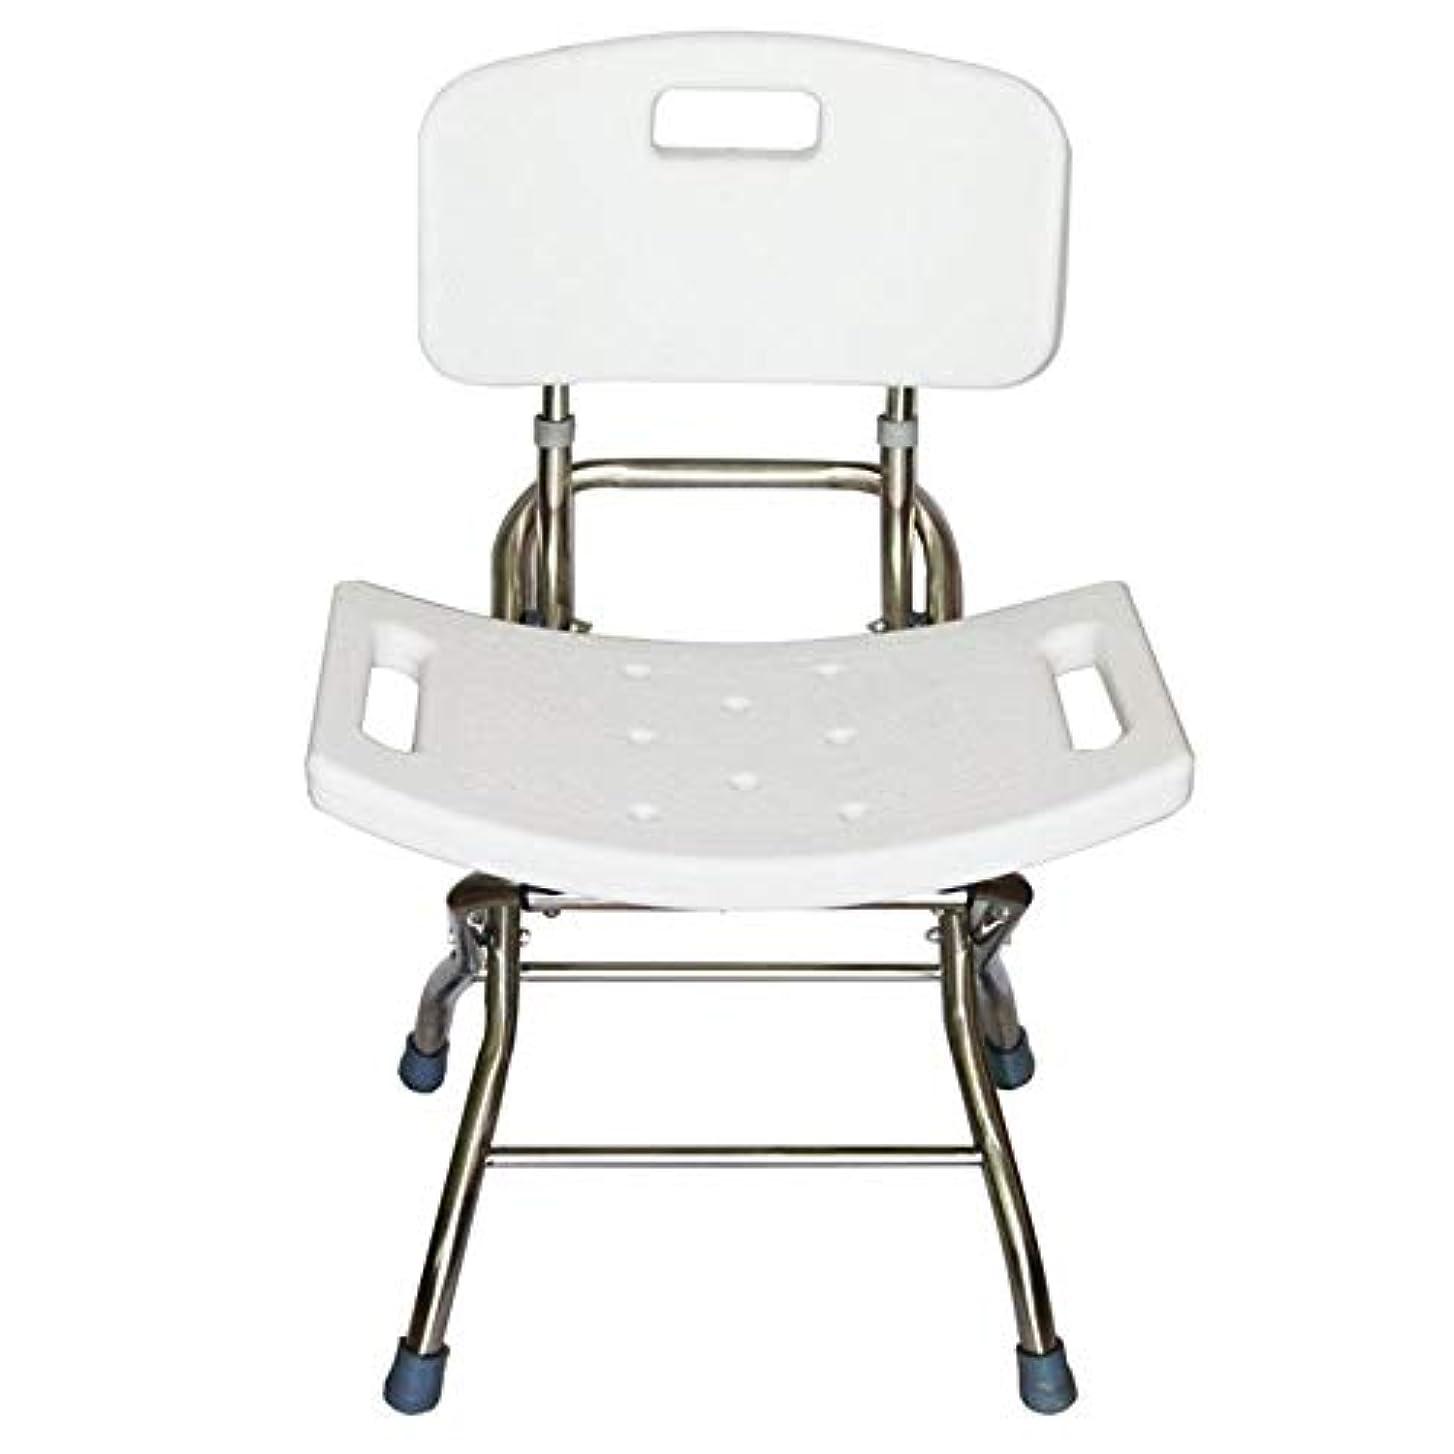 小説ボード無傷背部およびシャワー?ヘッドのホールダーが付いているデラックスな高さの調節可能なアルミニウムBath/シャワーの椅子